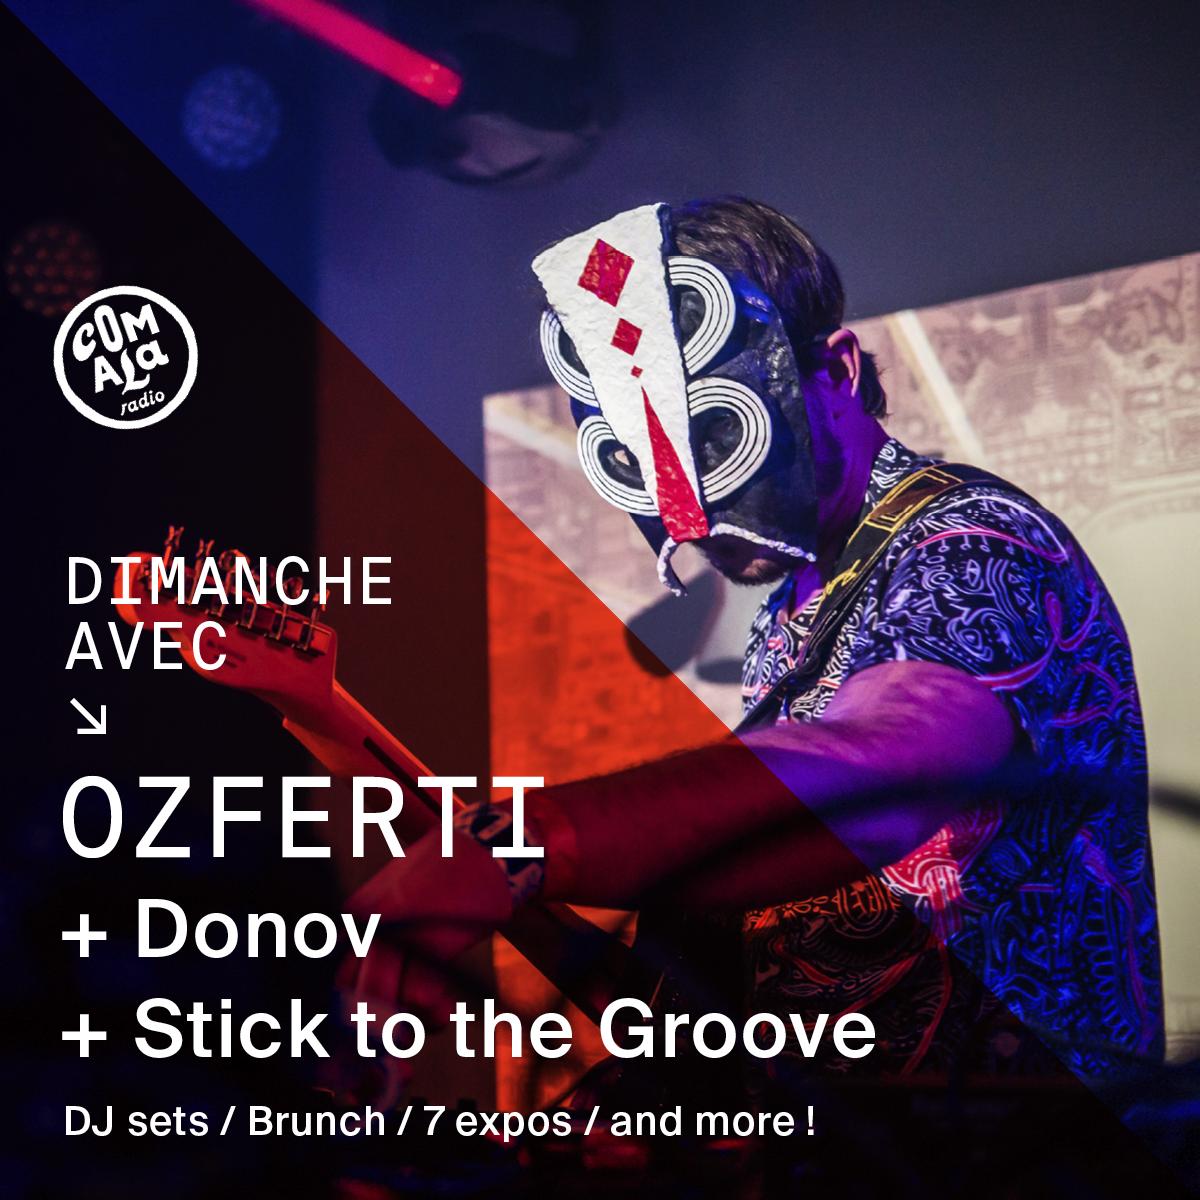 Dimanche avec Ozferti + Donov + Stick to the groove